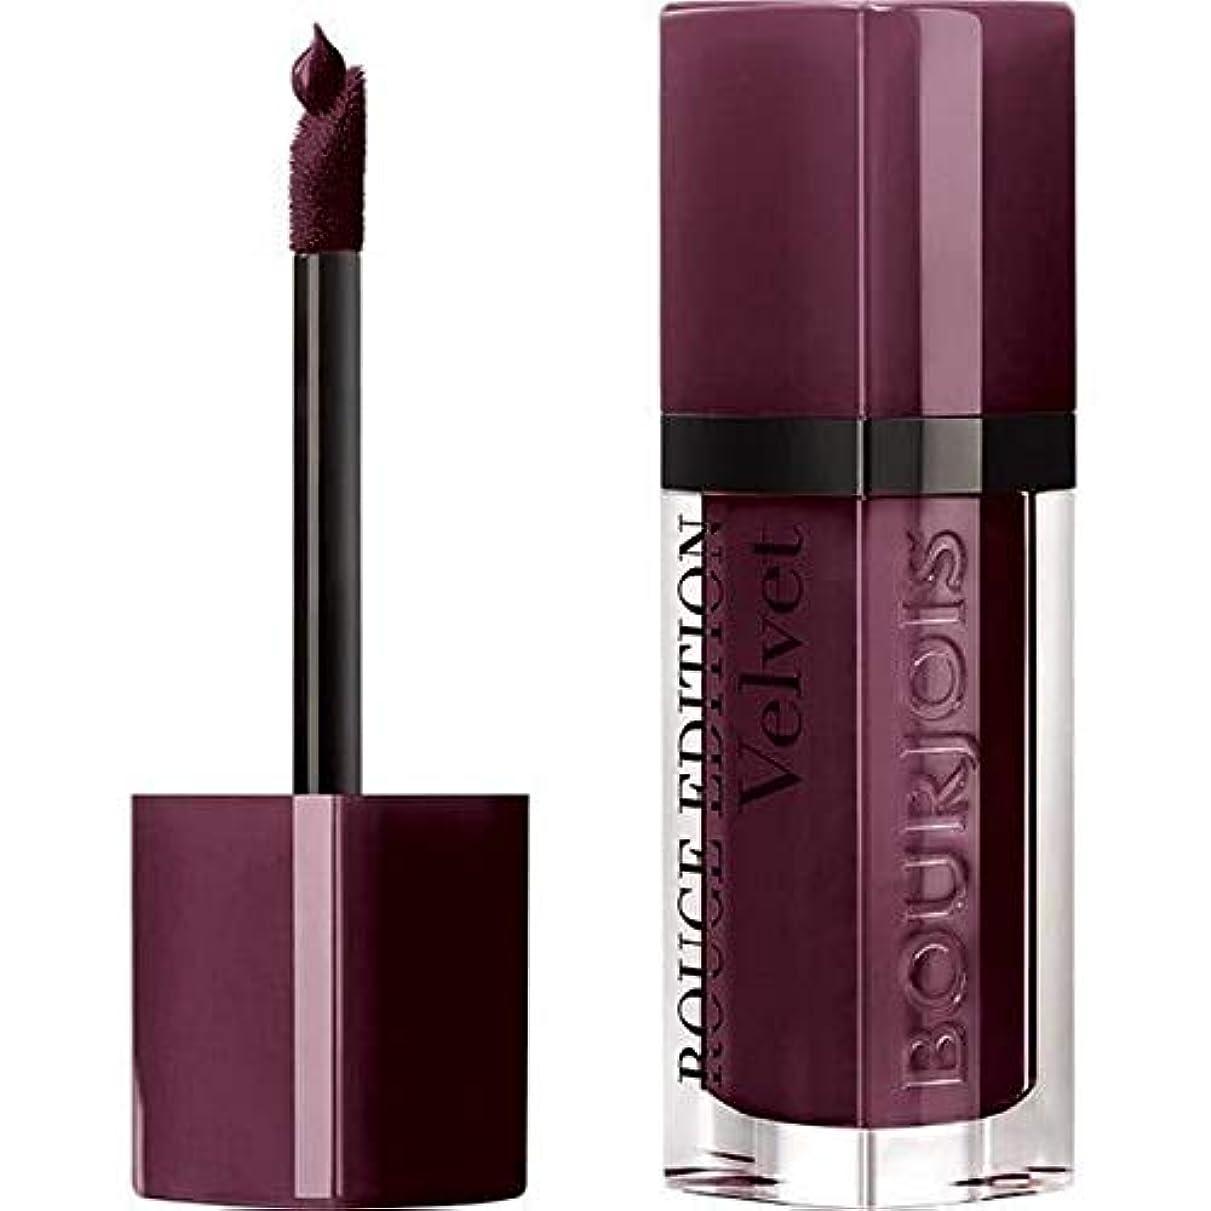 拒否エピソード動力学[Bourjois ] ブルジョワ口紅ルージュ版のベルベットのシックな25ベリー - Bourjois Lipstick Rouge Edition Velvet 25 Berry Chic [並行輸入品]